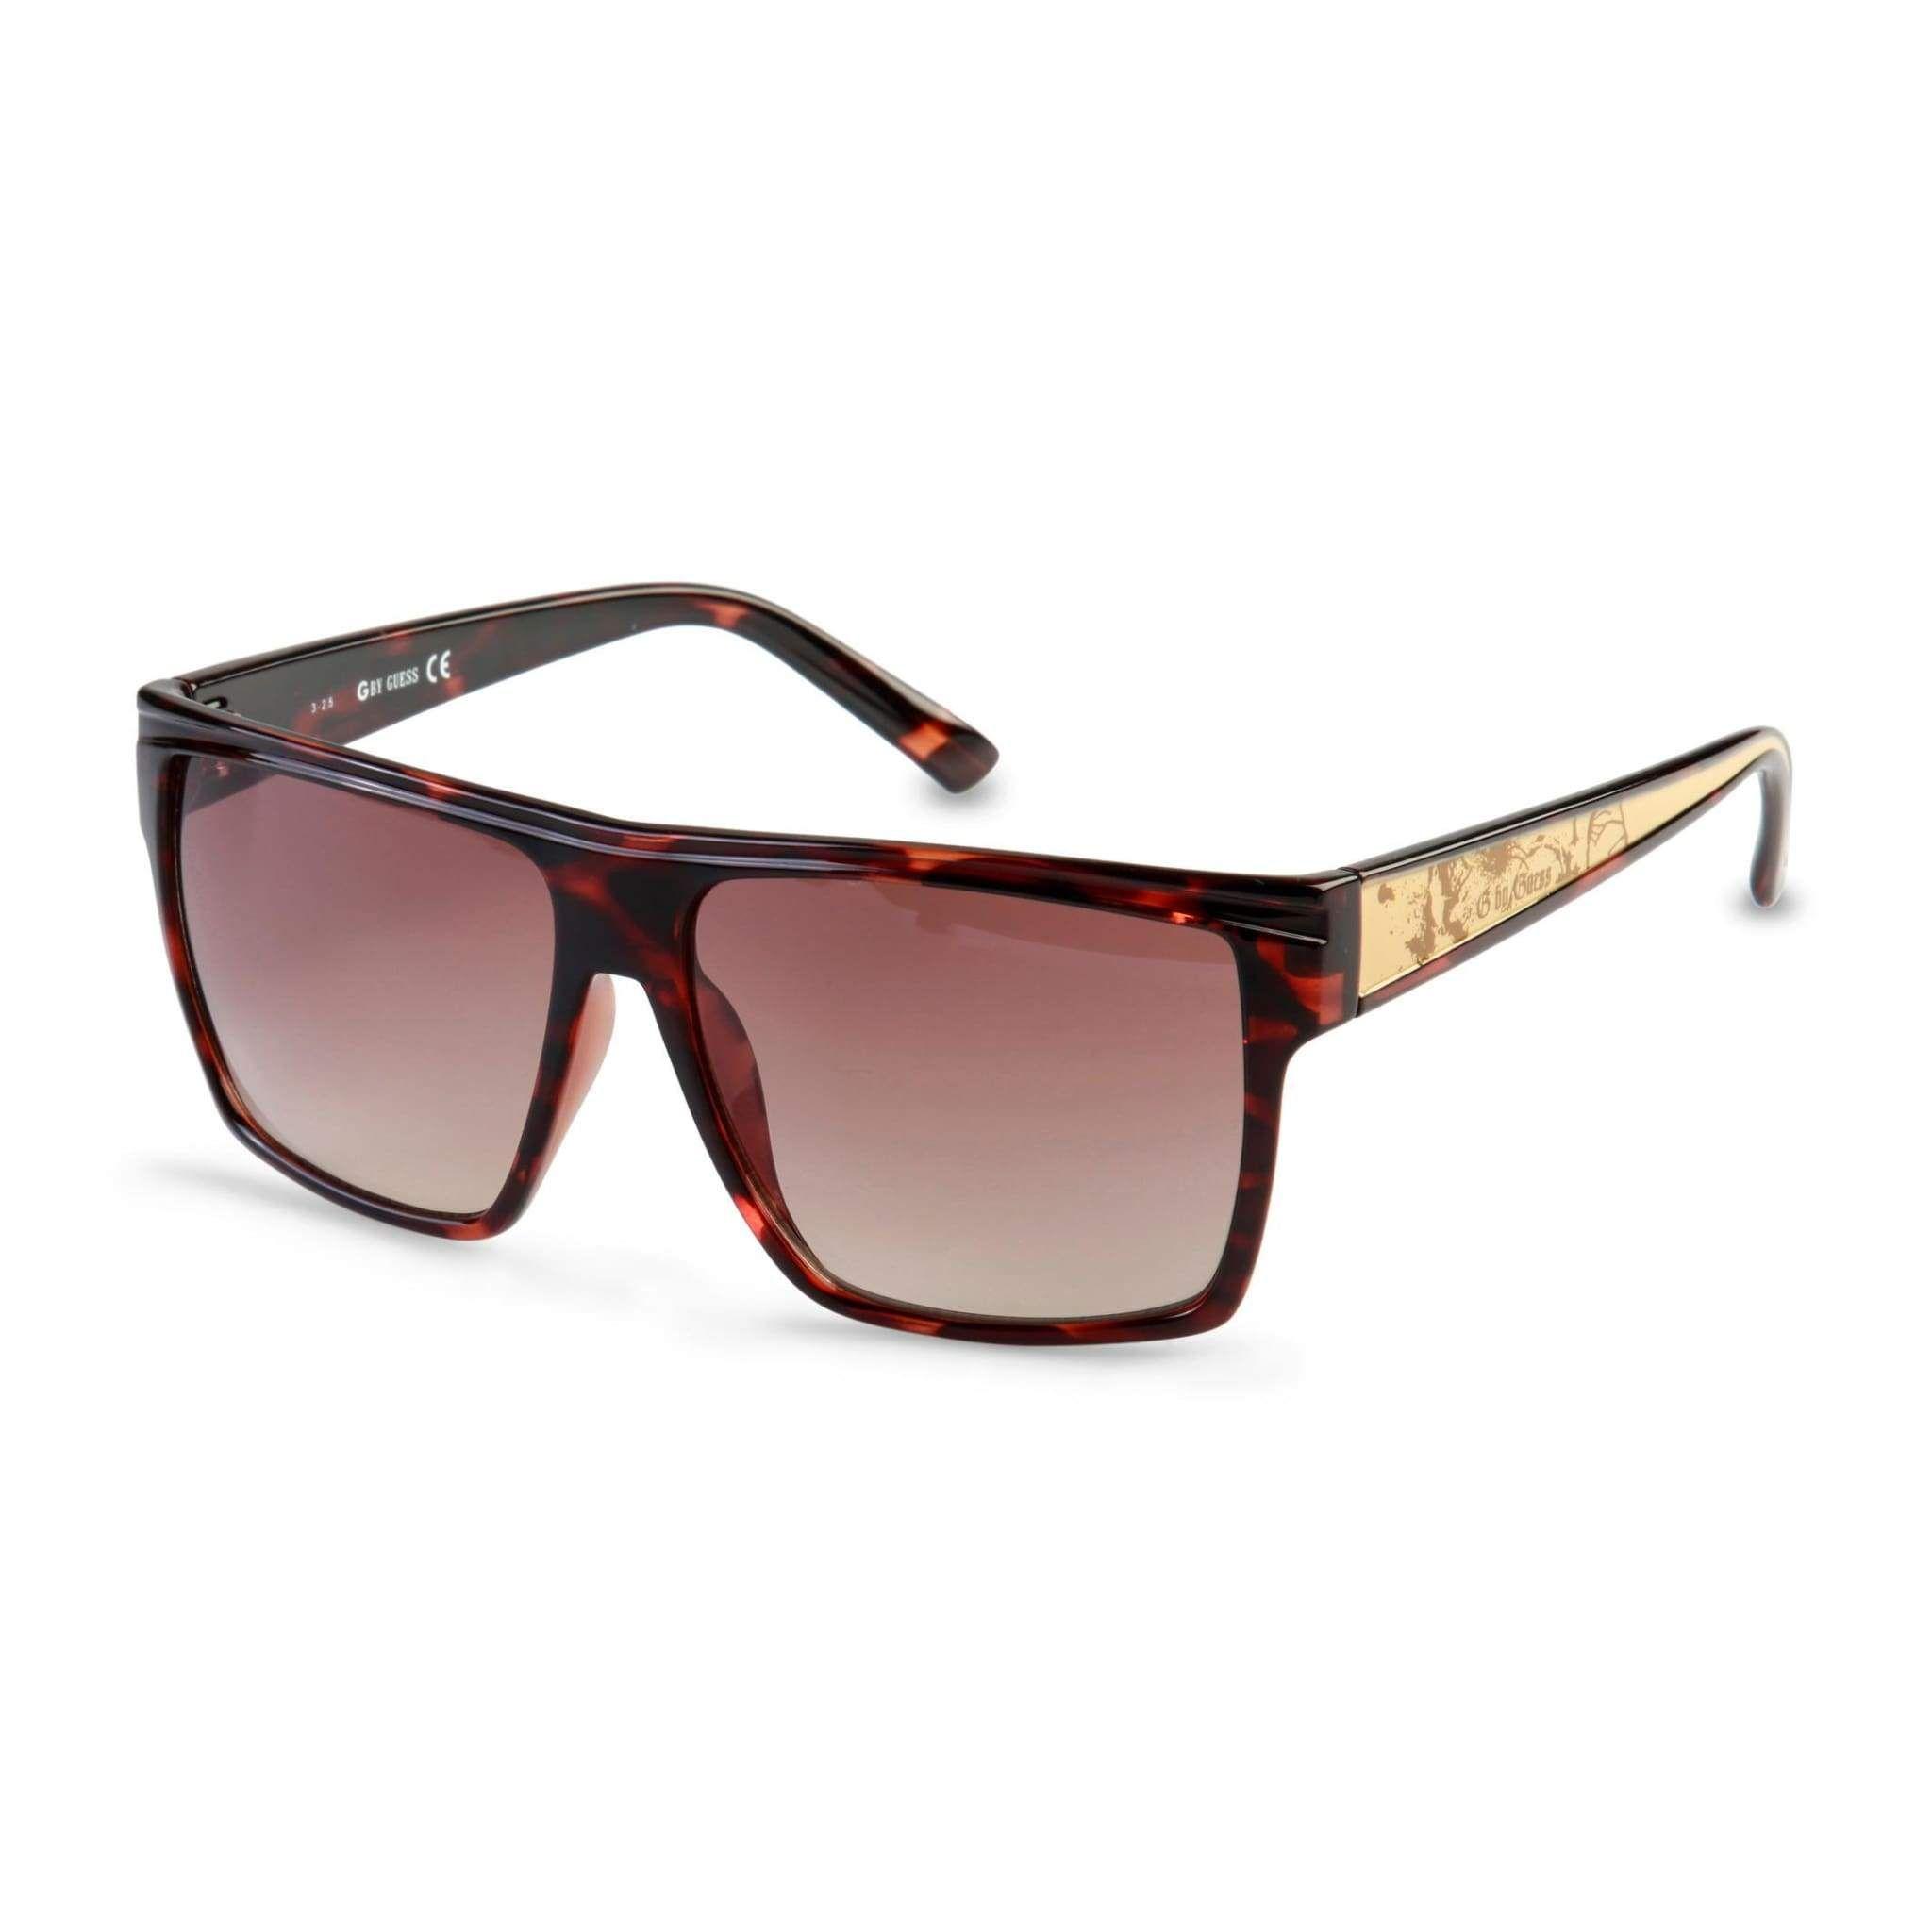 946a900bf2ea Guess Men Brown Sunglasses